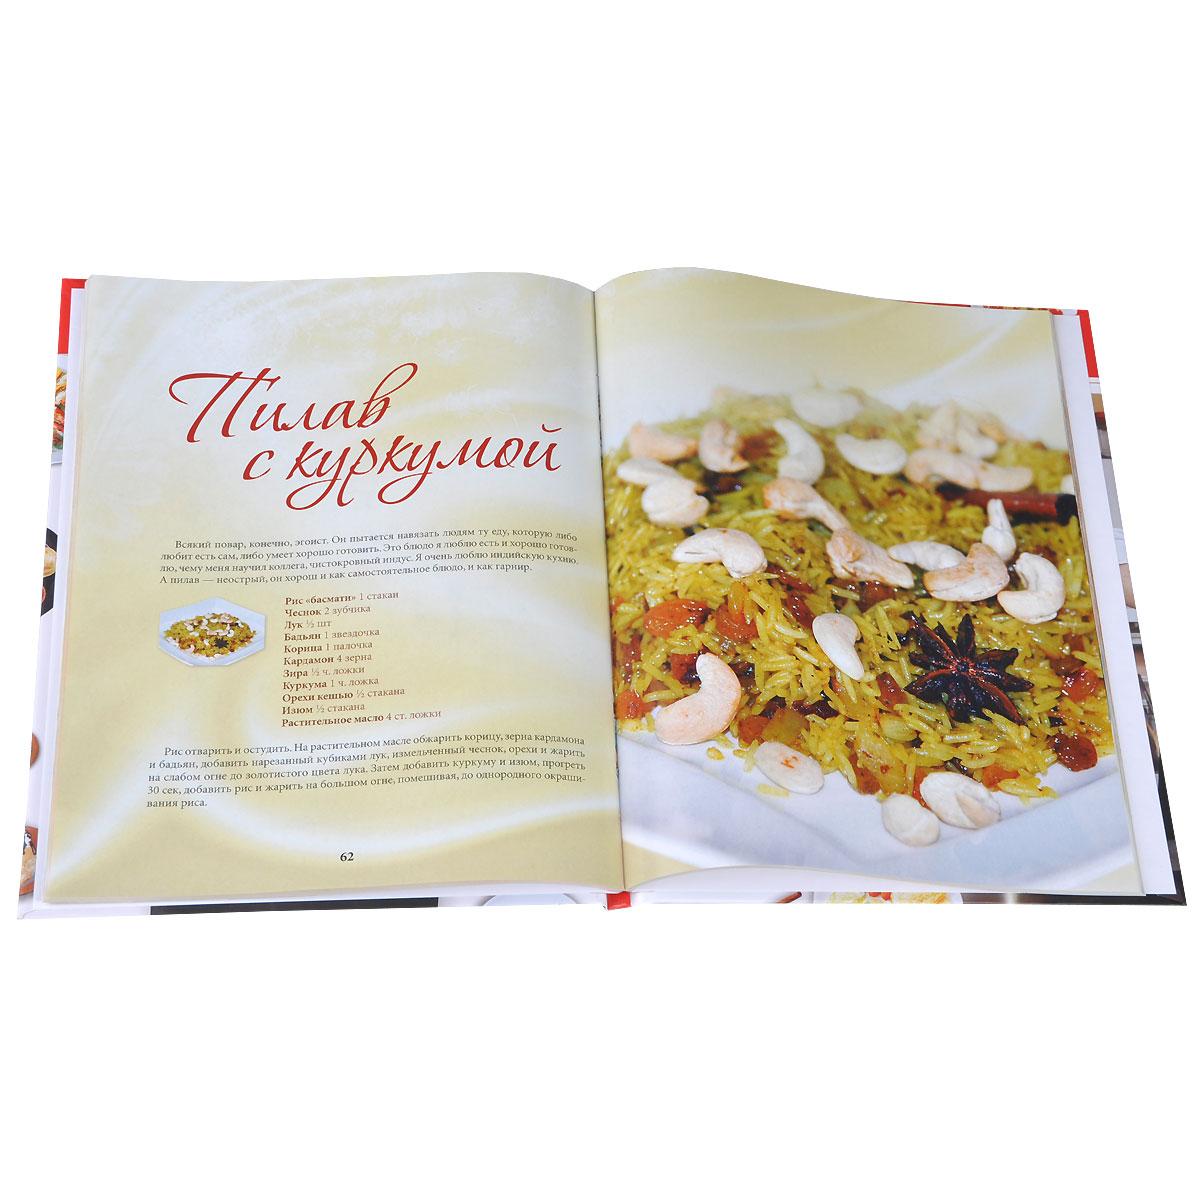 Женская еда. Фейерверк изысканных блюд для милых дам от президента коллегии шеф-поваров Санкт-Петербурга